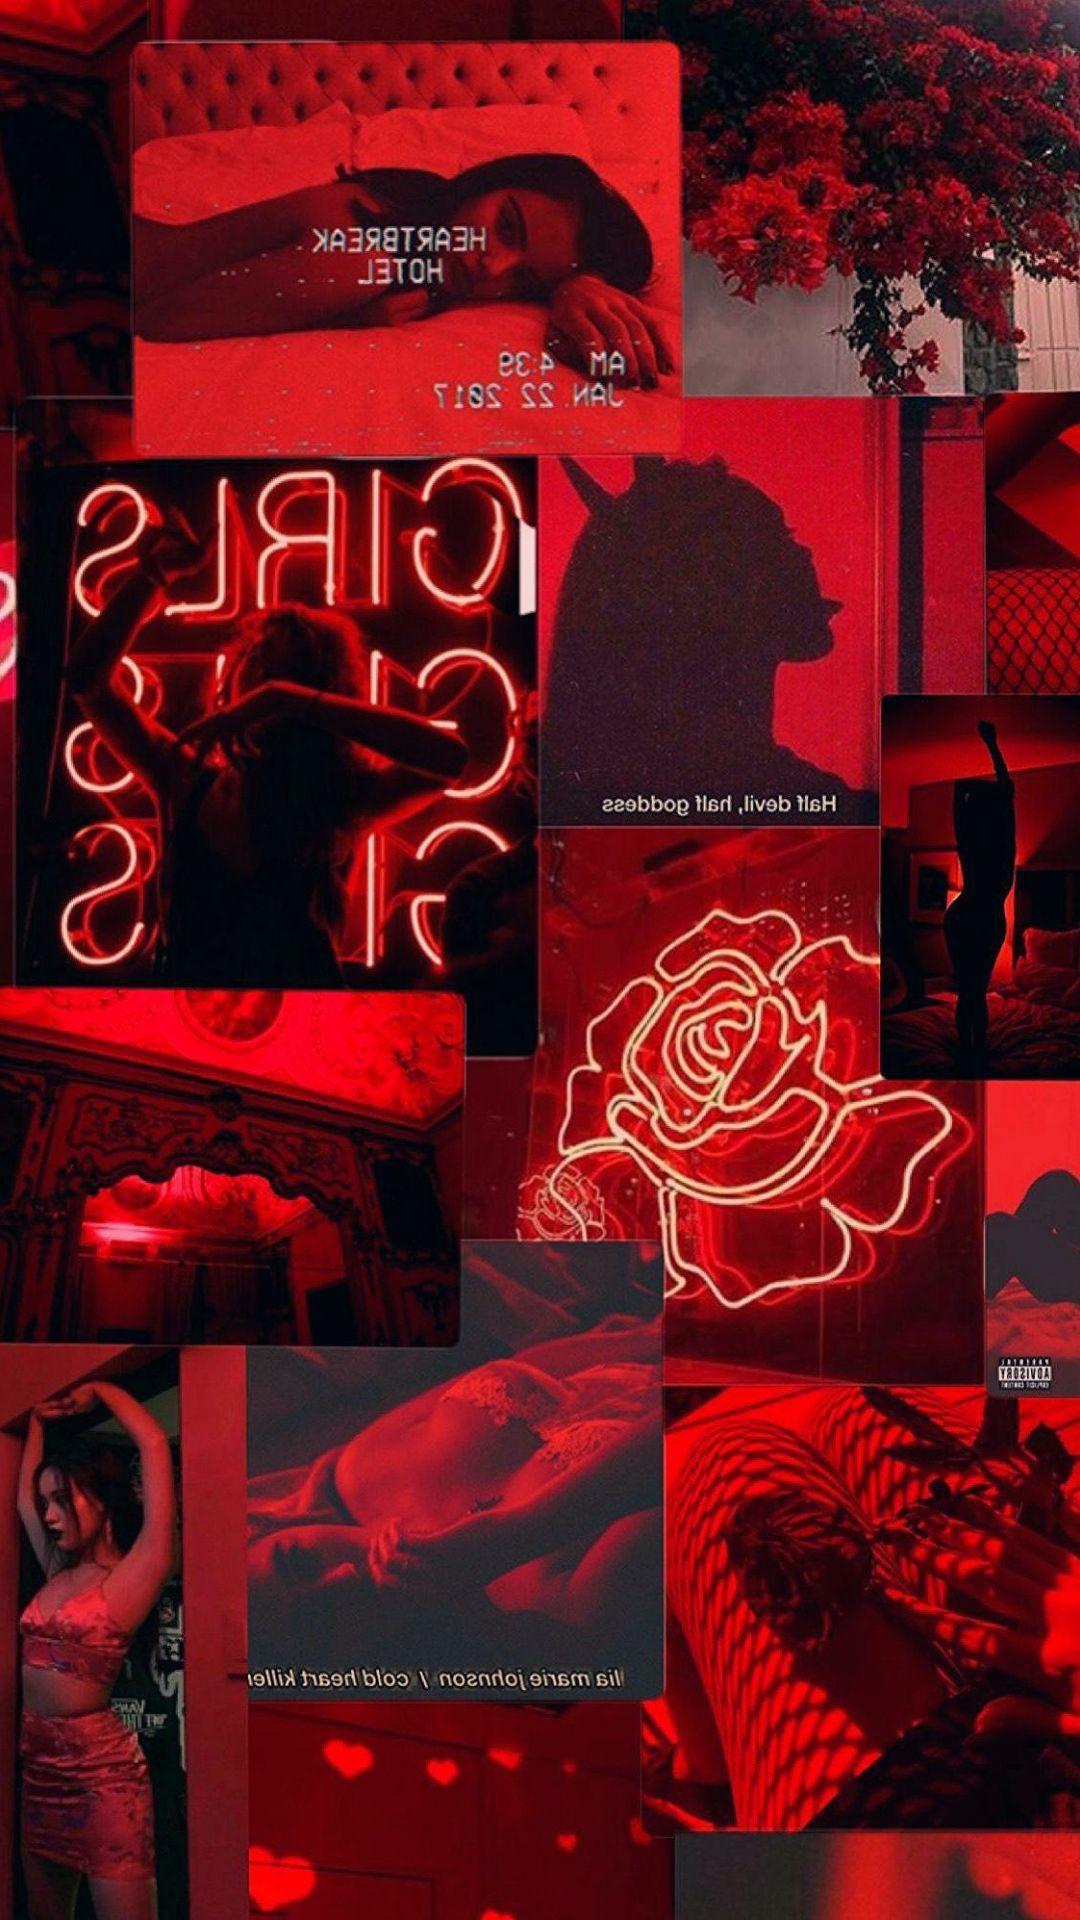 1080x1920 Tải xuống miễn phí Hình nền thẩm mỹ Edgy Baddie Nền thẩm mỹ 3D [1126x1995] cho Máy tính để bàn, Di động & Máy tính bảng của bạn.  Khám phá Baddie Wallpaper Red.  Hình nền đỏ, Nền đỏ, Hình nền đỏ